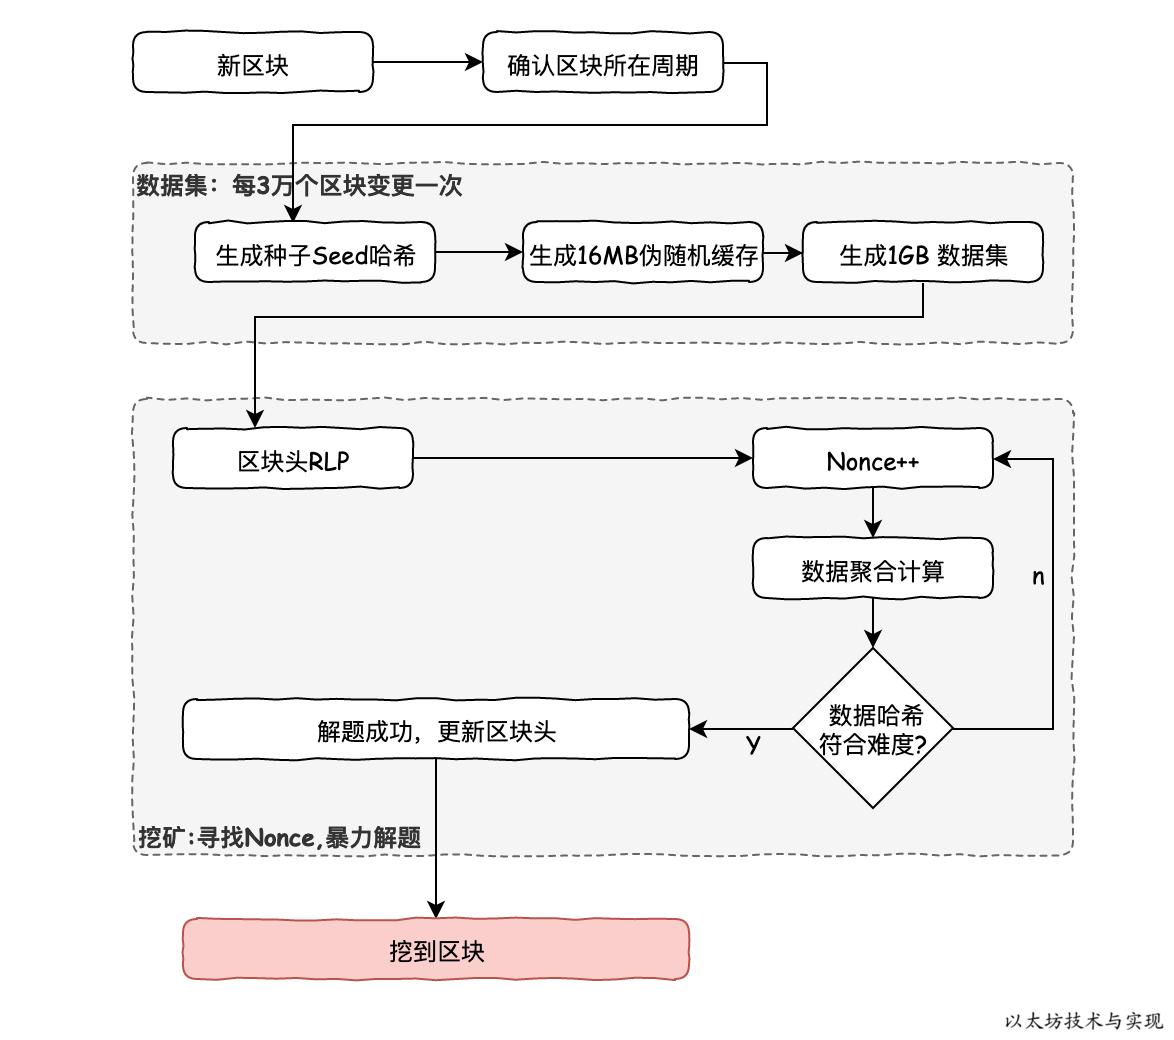 Ethash算法计算流程